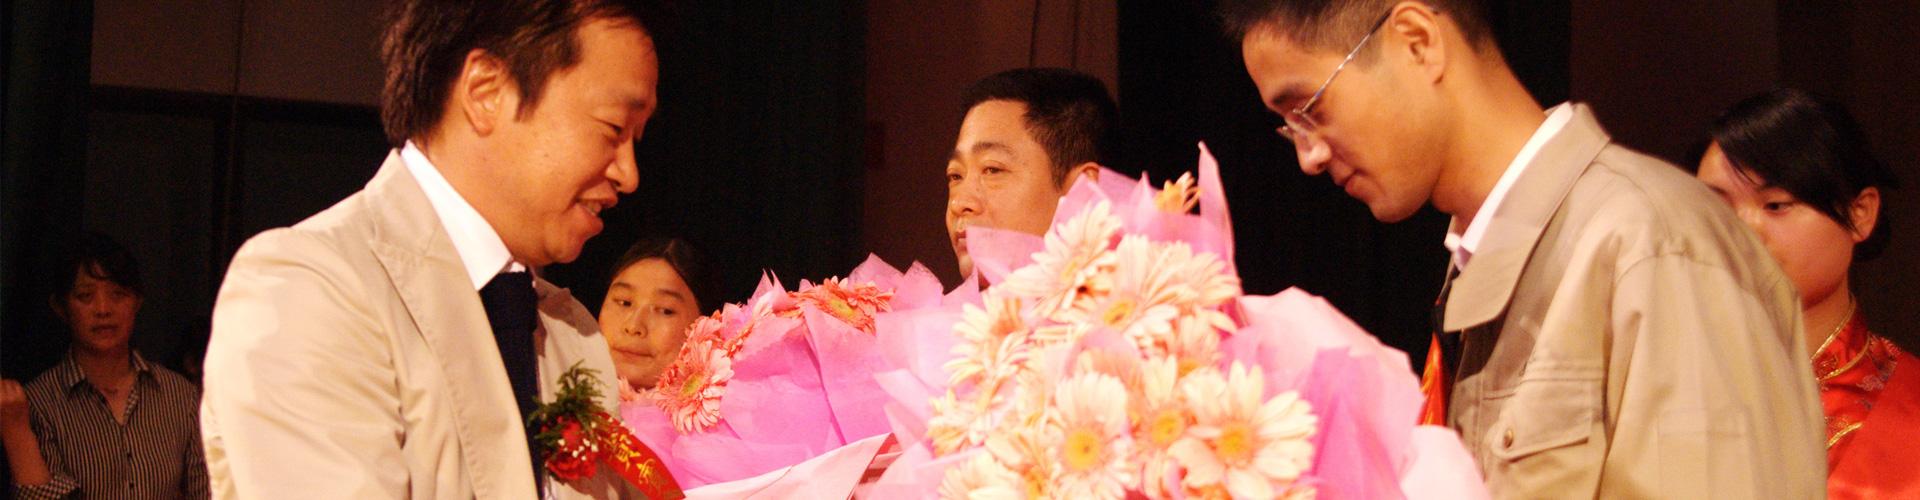 公司董事长、日本英瑞社长吴兆显先生盛情邀请公司优秀员工赴日研修